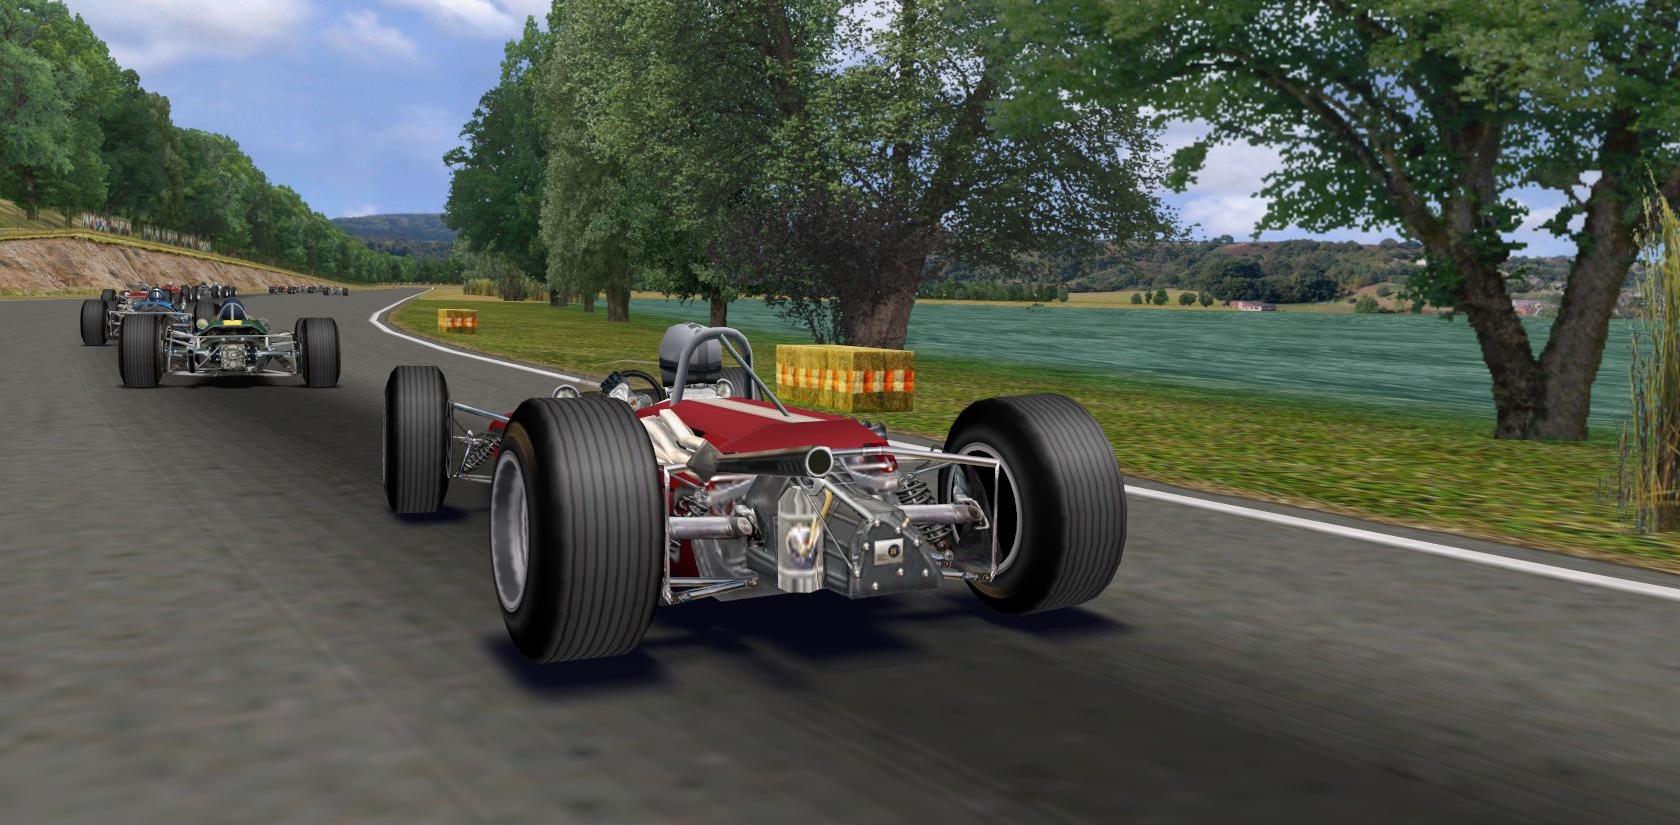 GPL 1967 Formula 2 Mod v1.0